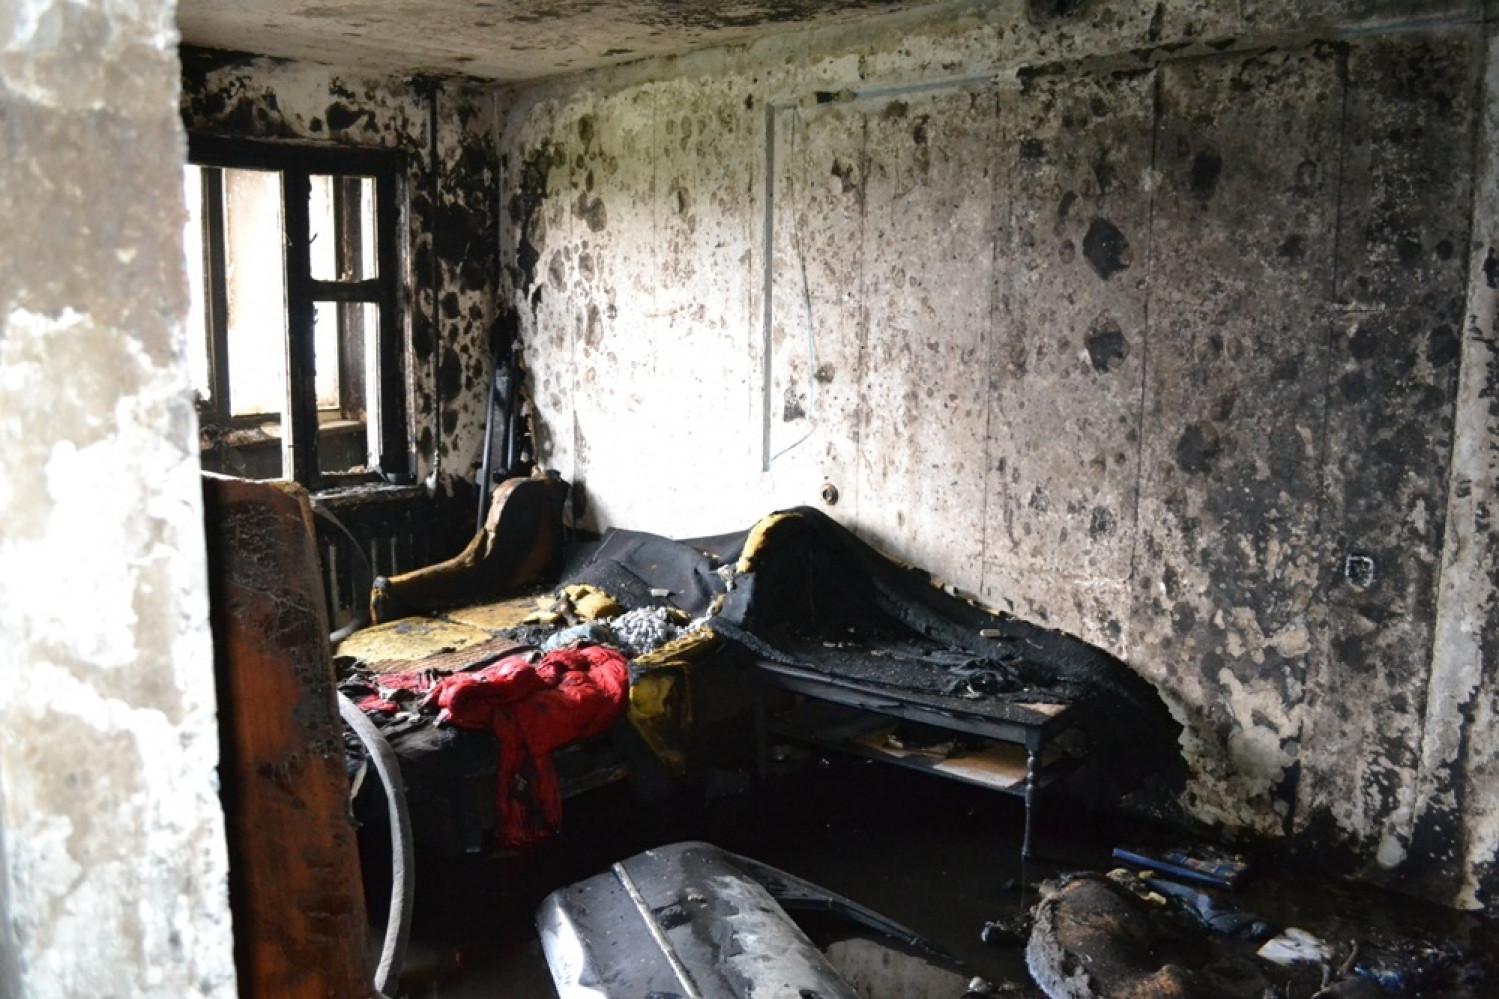 ВОдессе вжилом доме вспыхнул пожар: один ребенок умер, трое пострадали